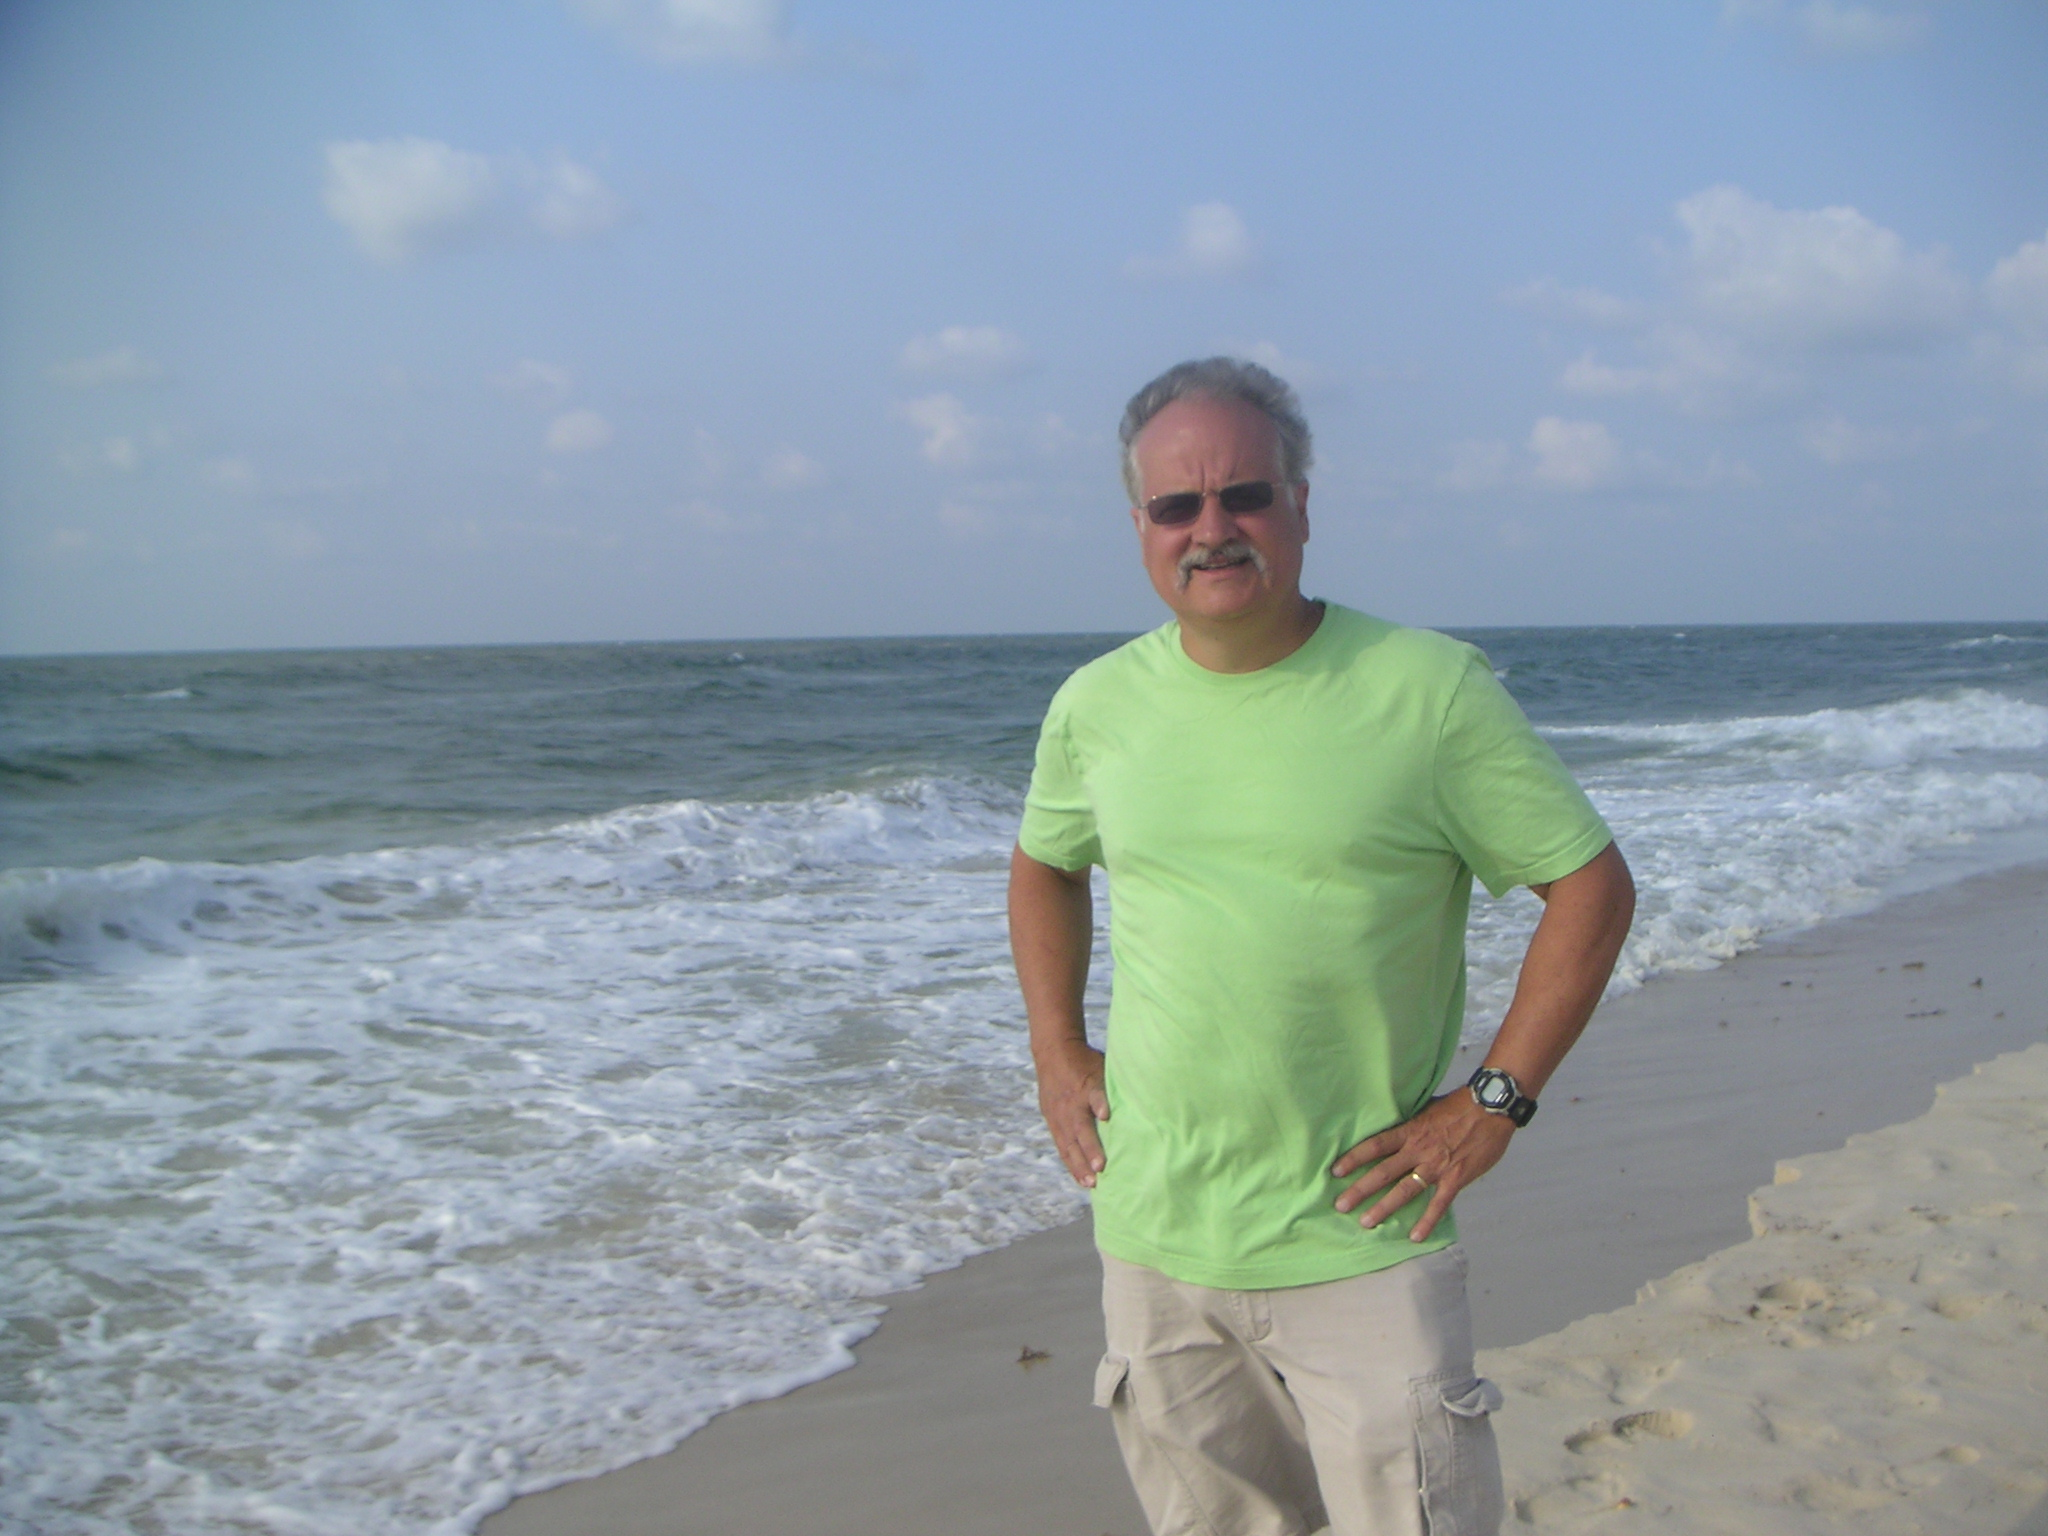 Mike on St. George Island 2006